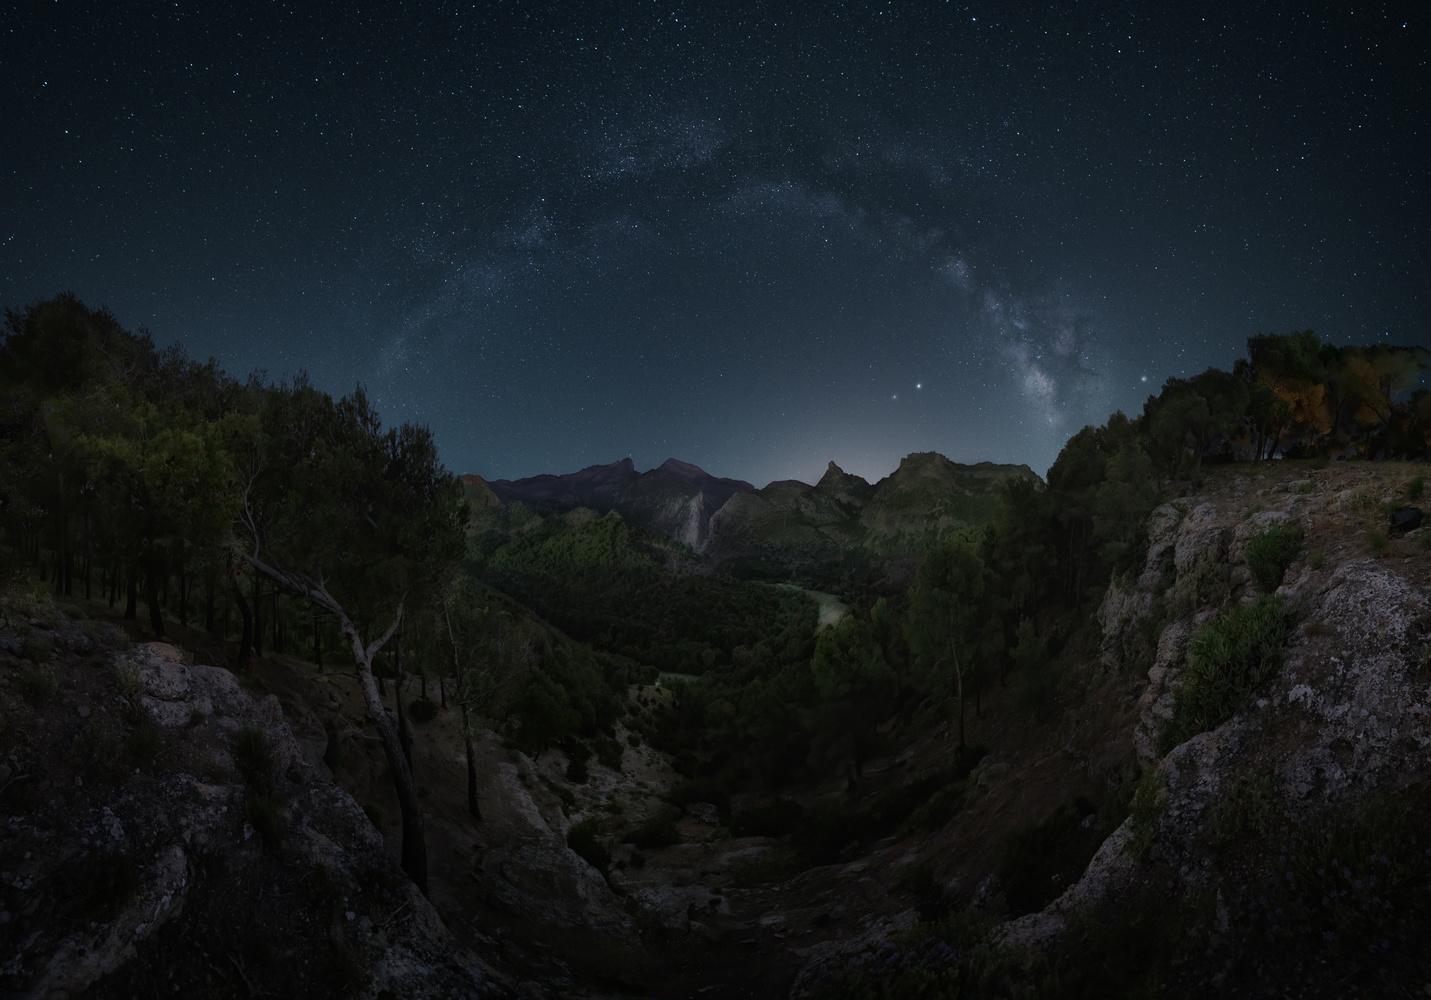 Milky way over Desfiladero de los Gaitanes by DaniGviews /Daniel